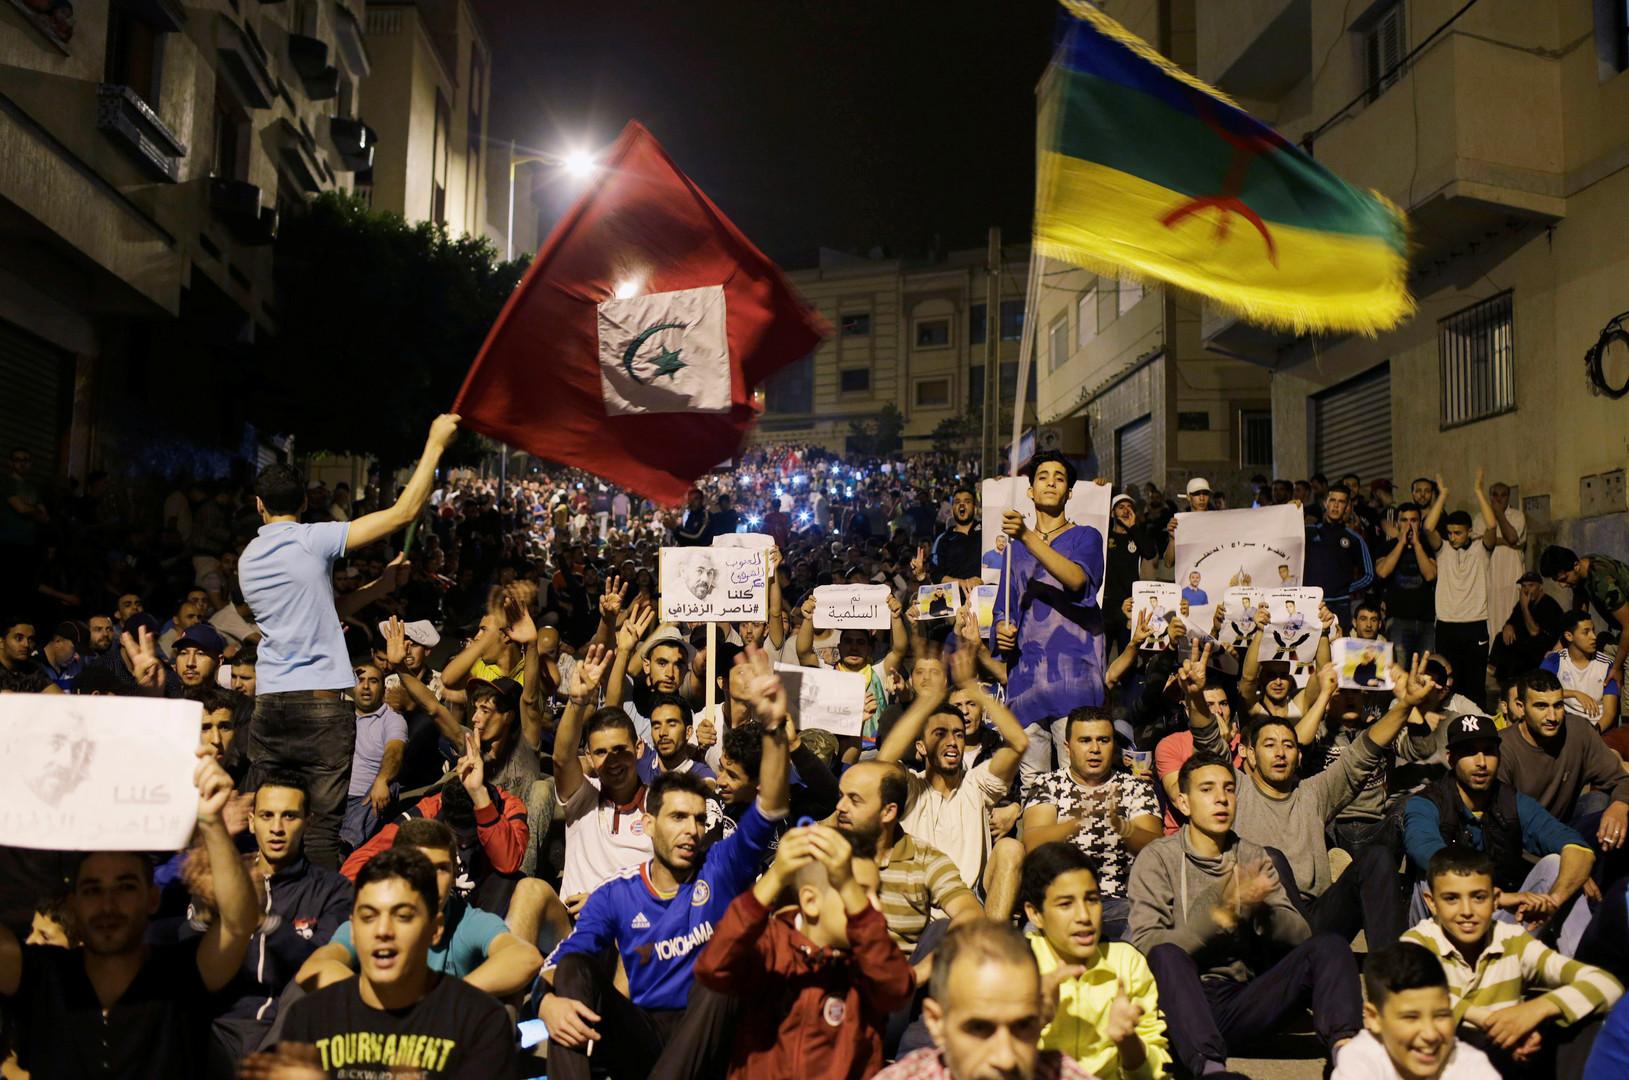 Maroc : grève générale à Al-Hoceïma, la mobilisation continue